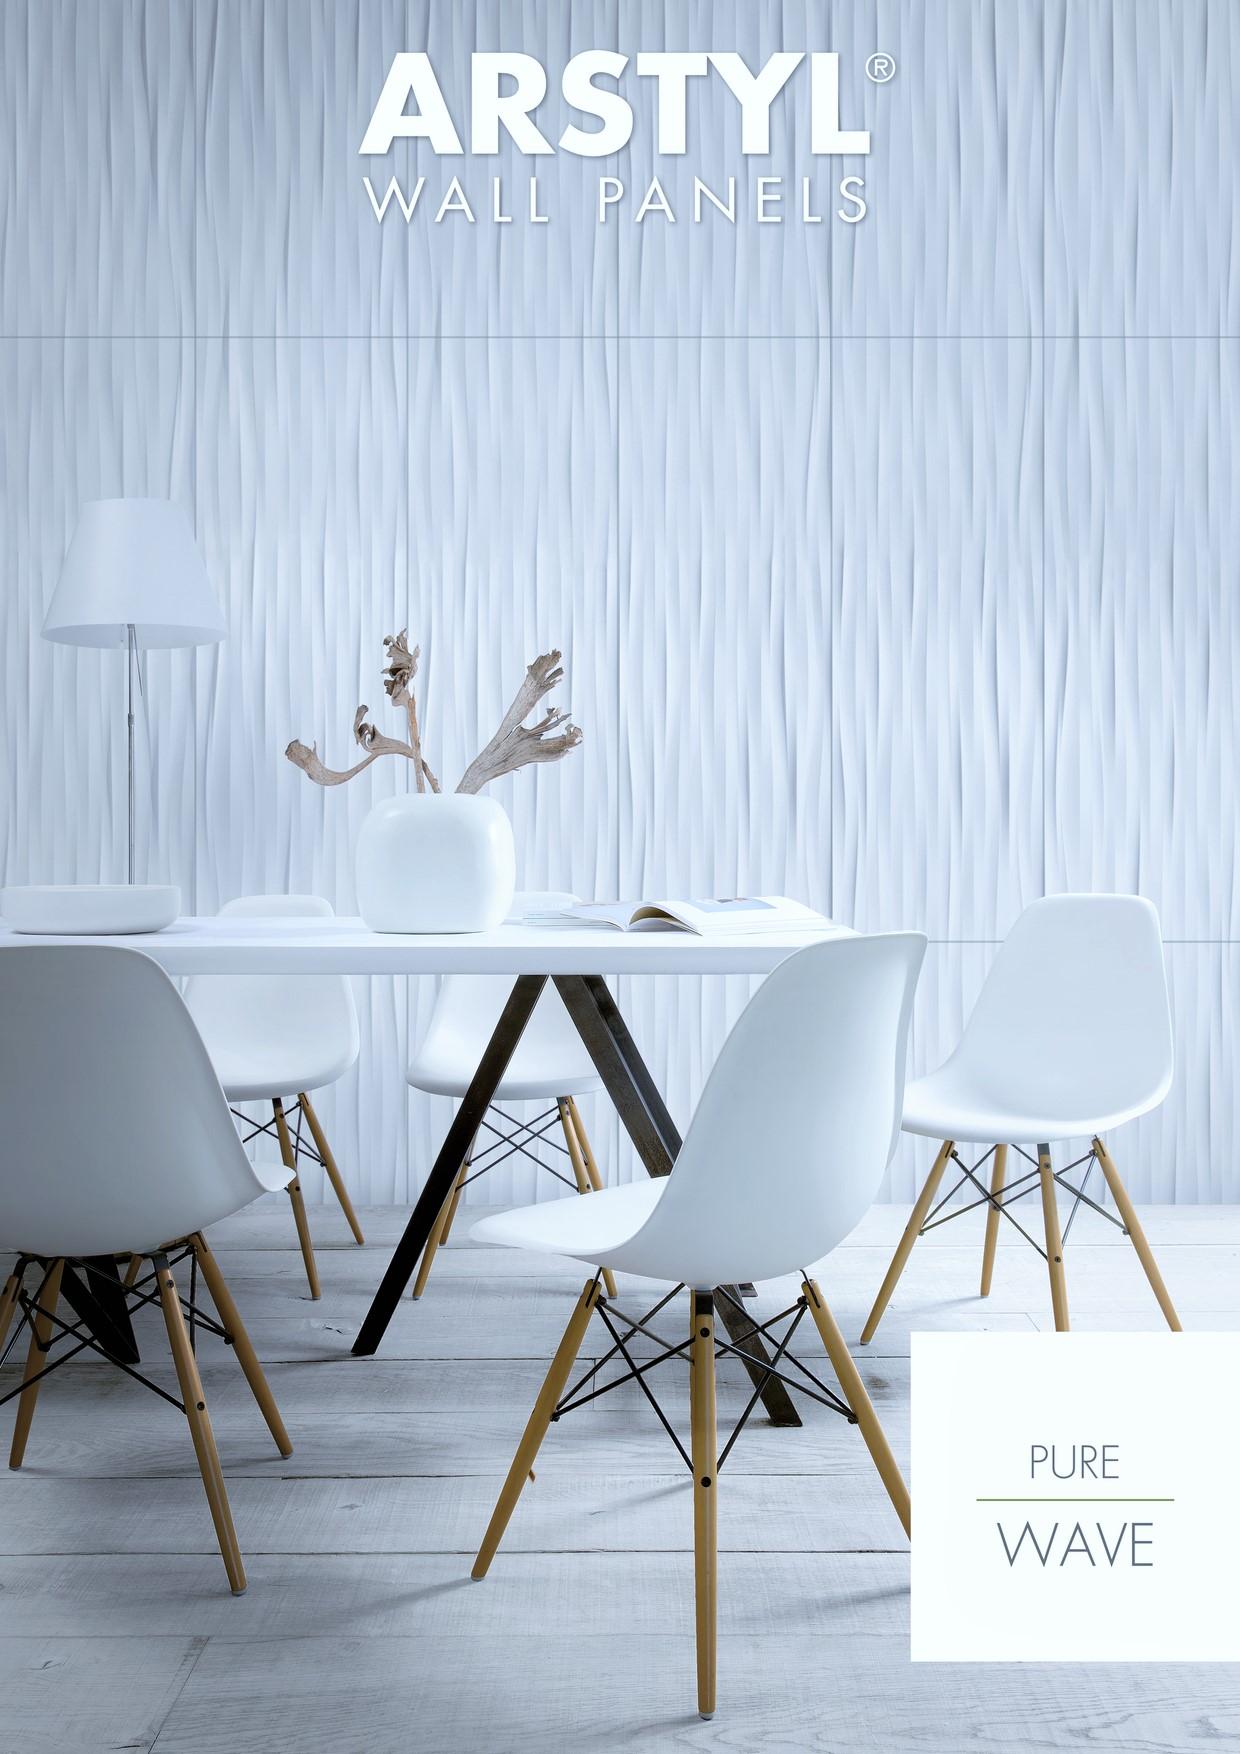 Pannello decorativo 3d arstyl wall wave - Pannello decorativo design ...